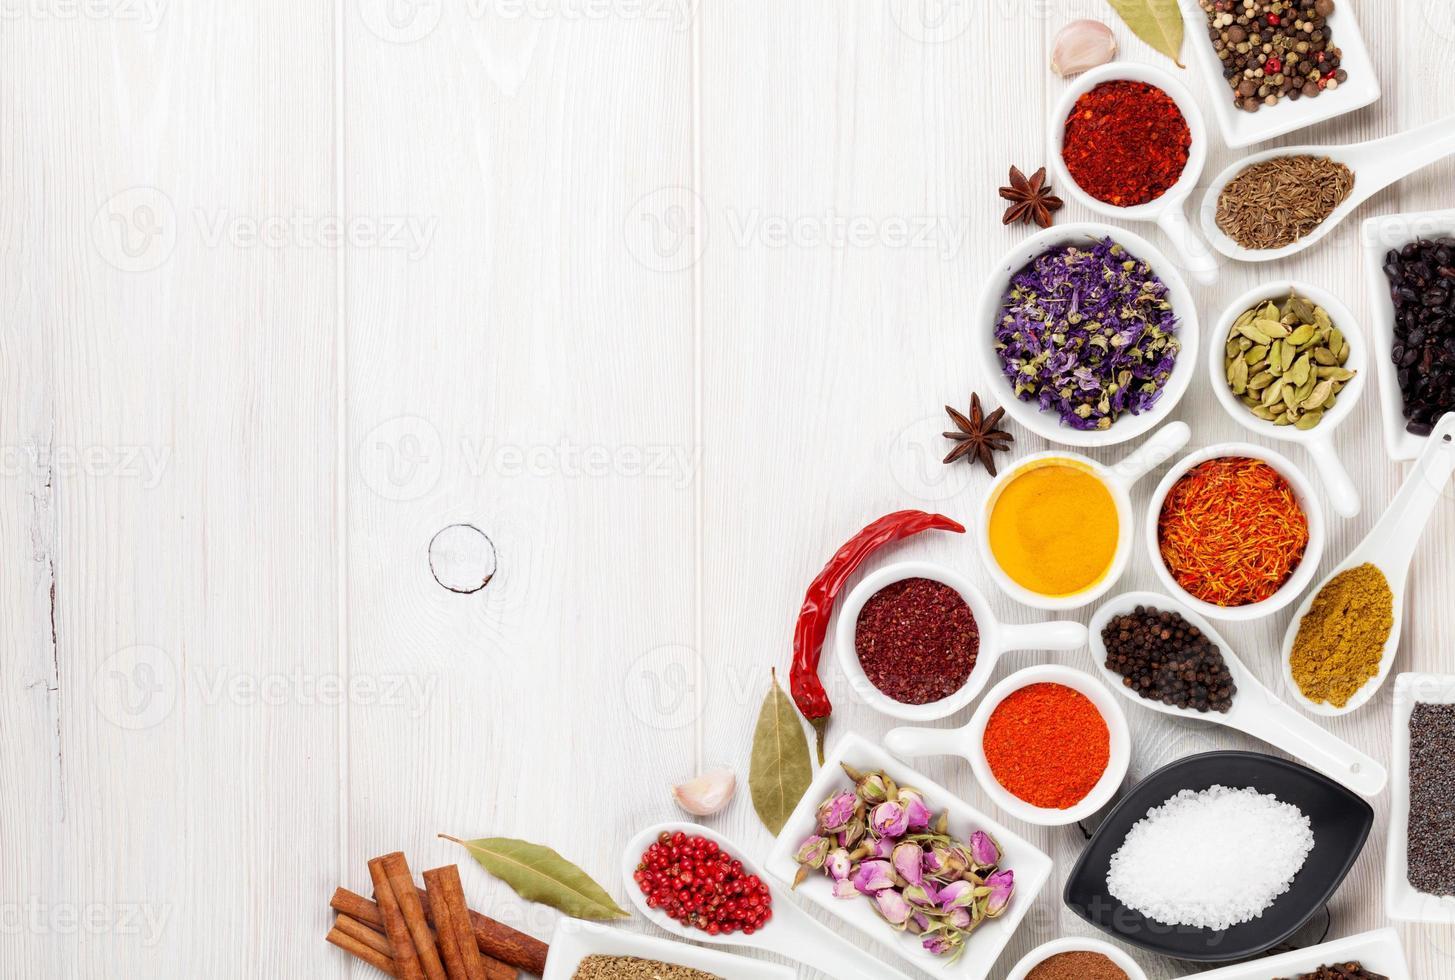 olika kryddor på vit träbakgrund foto